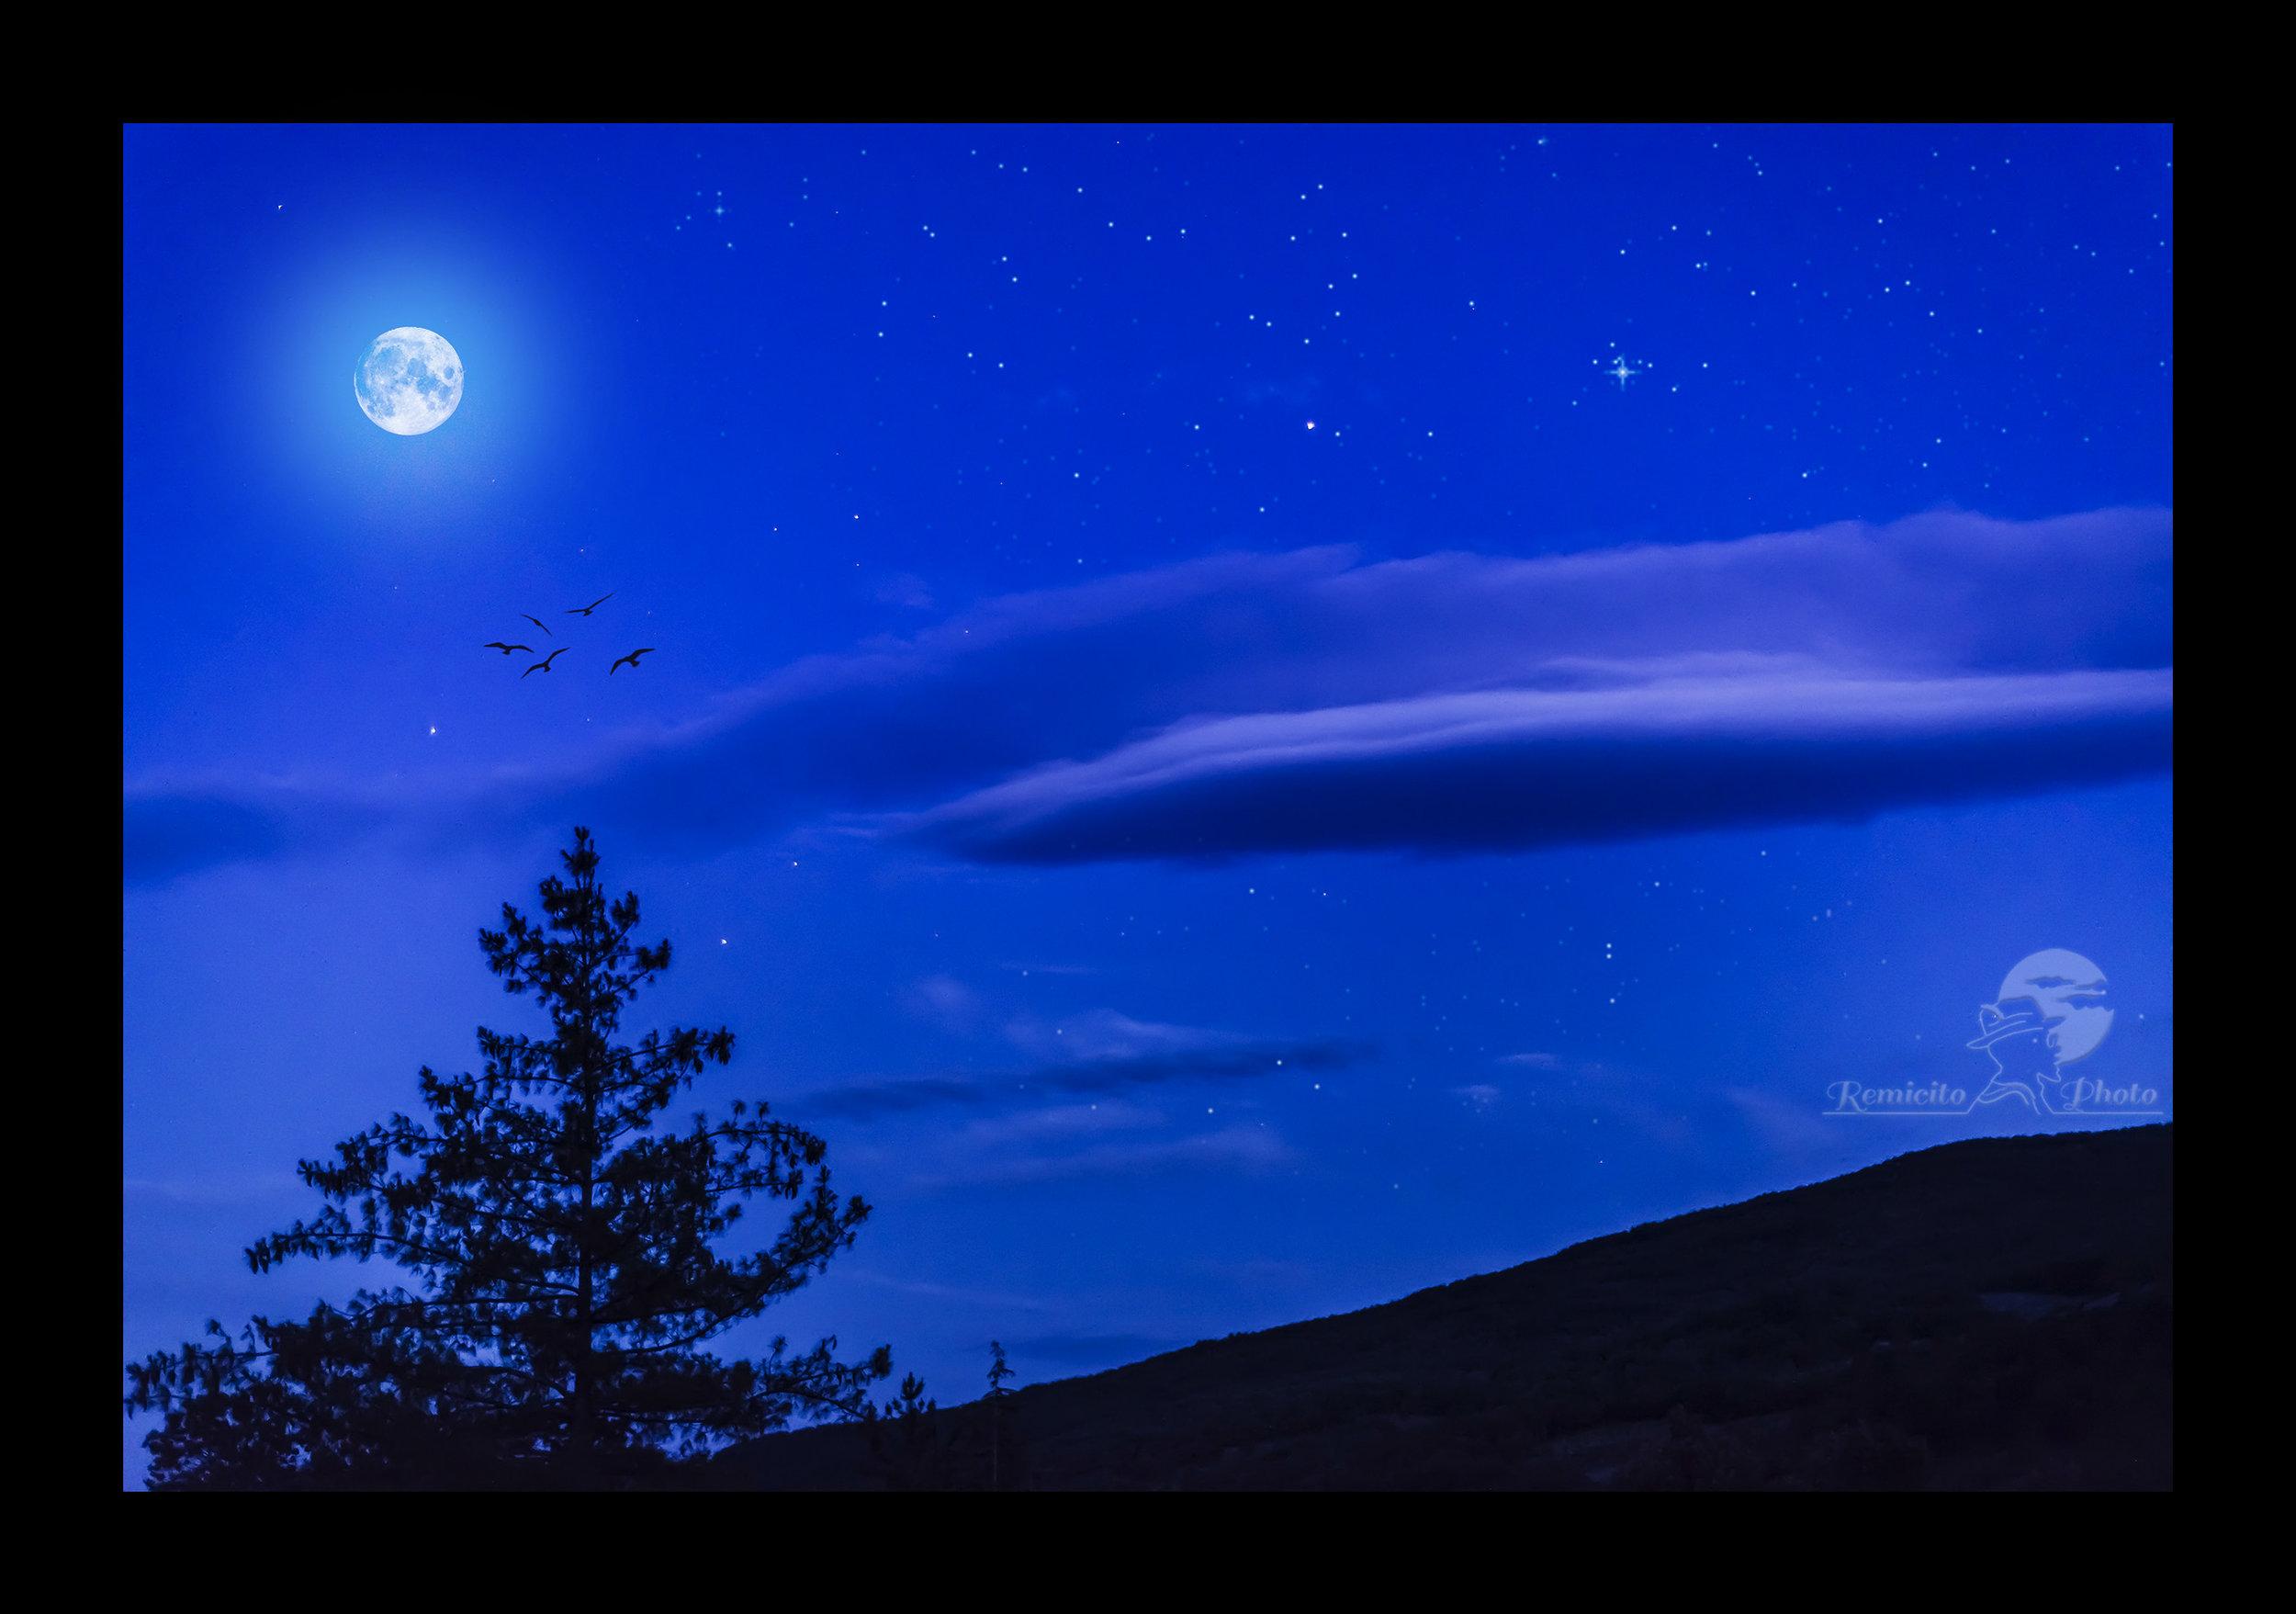 remicito photo, photo de nuit, sud de la france, night photography, moon, photo lune, photo de nuit, idée cadeau, cadeau pour lui, cadeau pour elle, idée décoration photo, beautiful photograph, belle photo déco